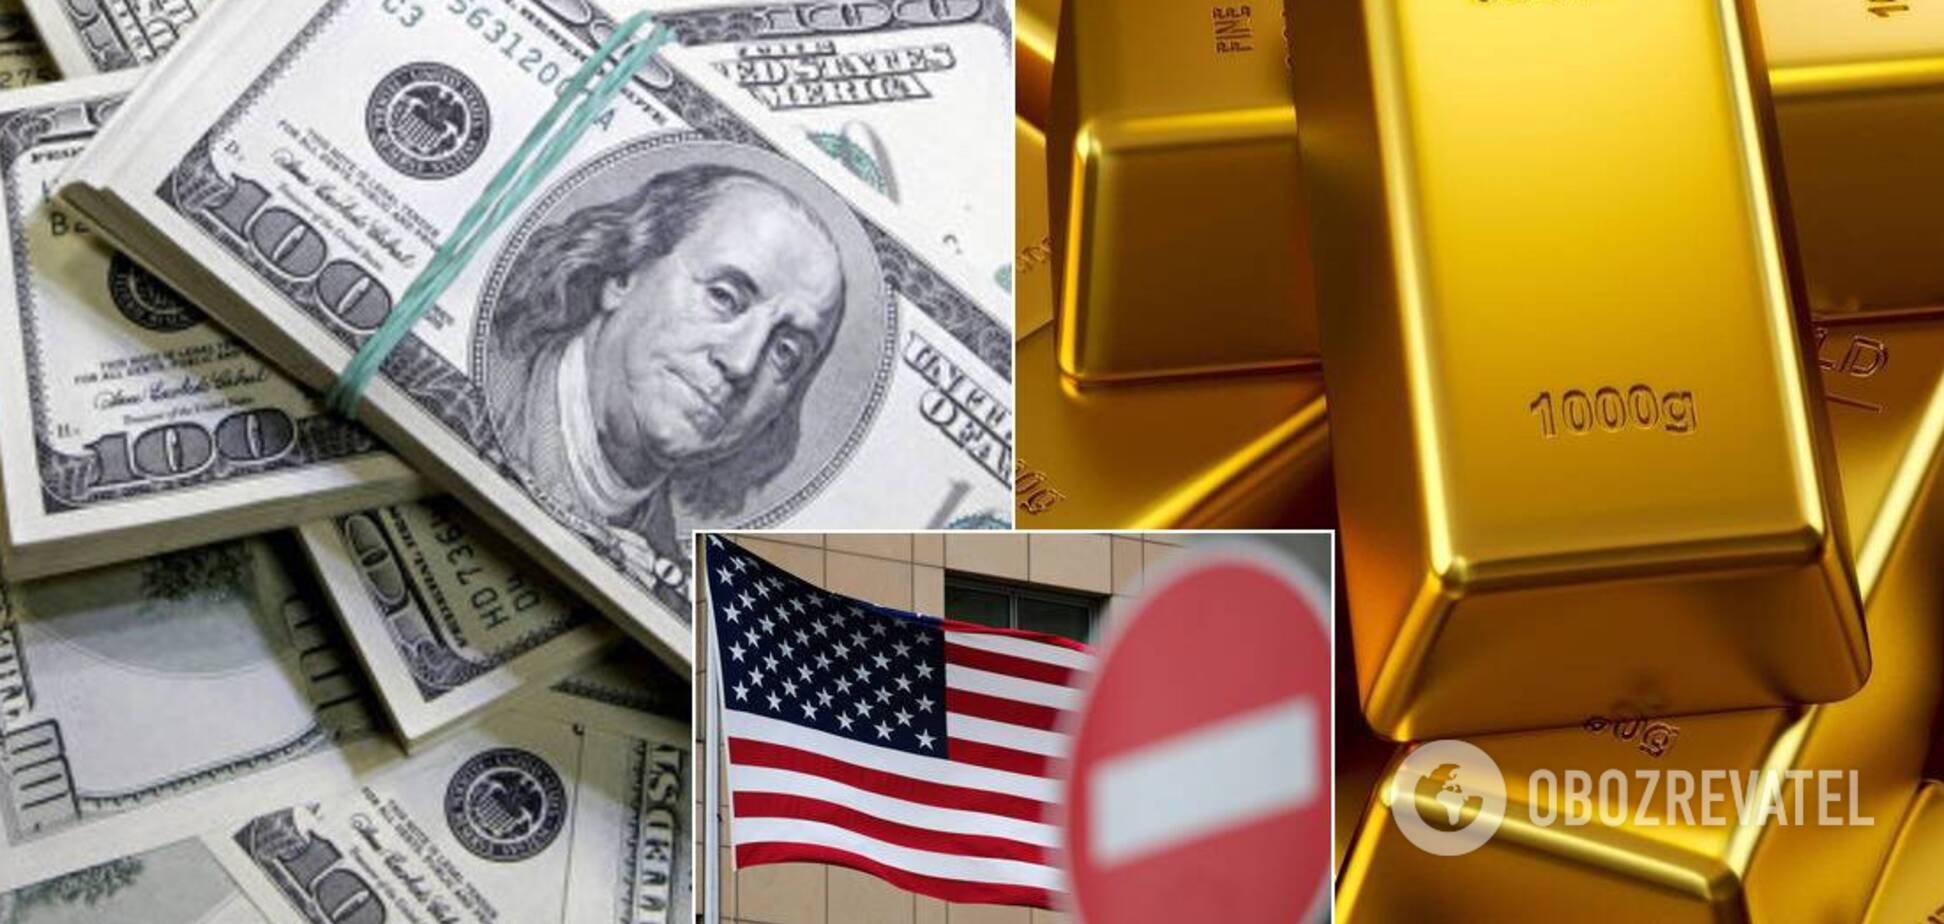 Долар США може втратити статус резервної валюти. Джерело: Колаж Обозревателя